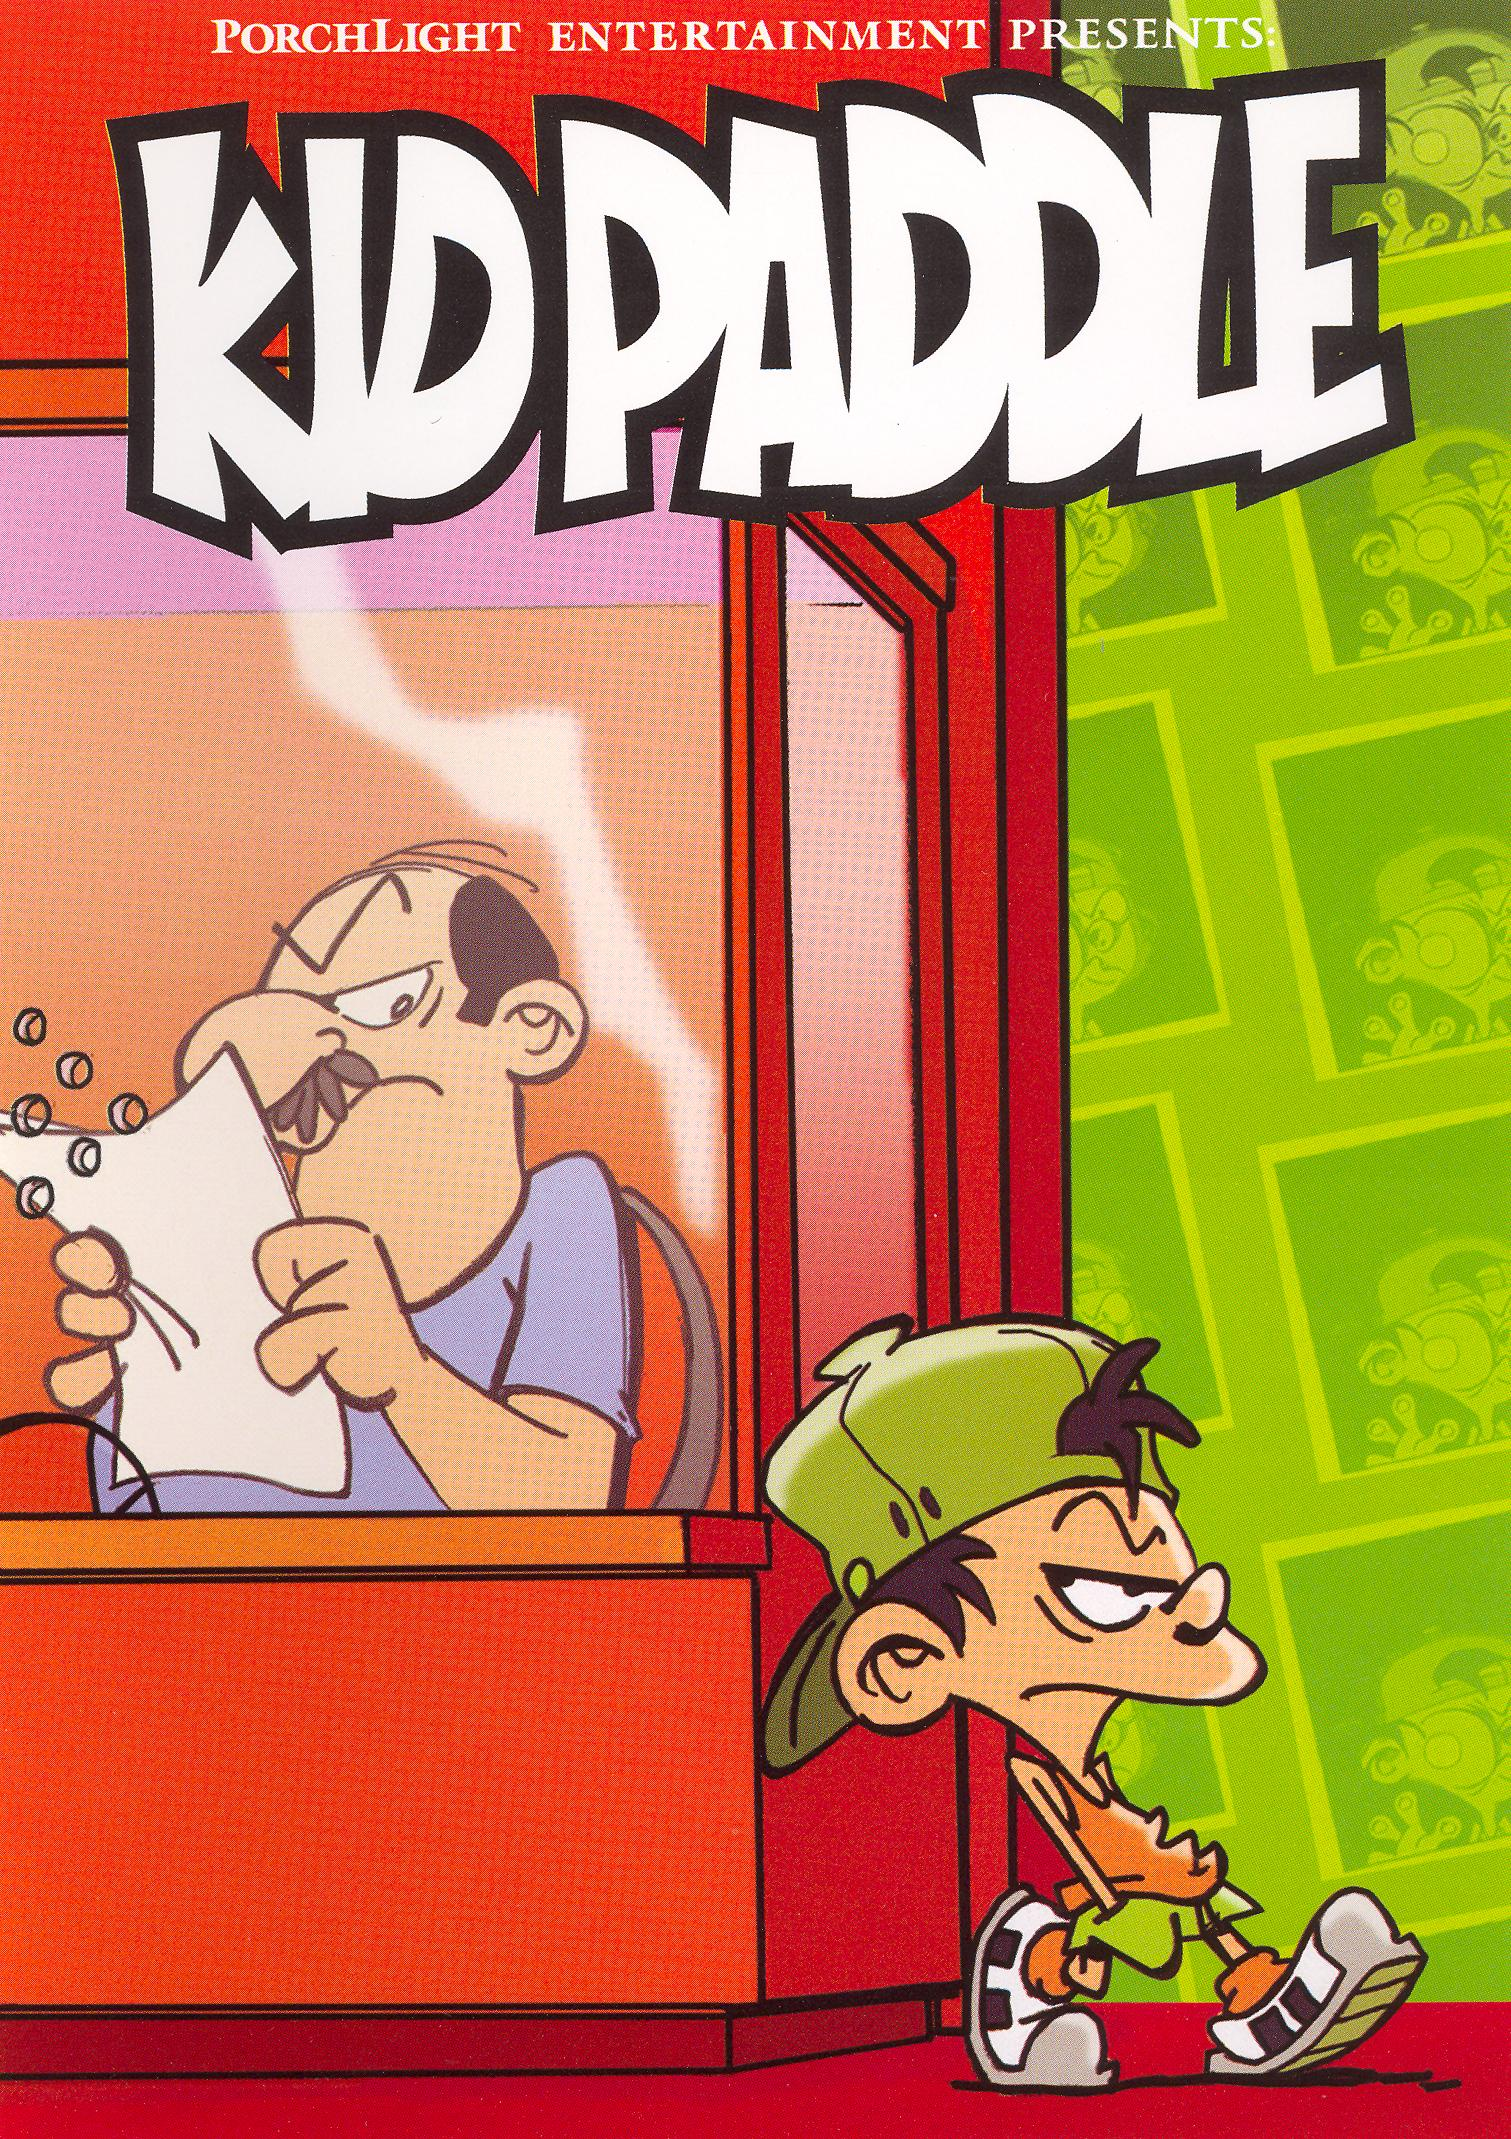 Kidpaddle